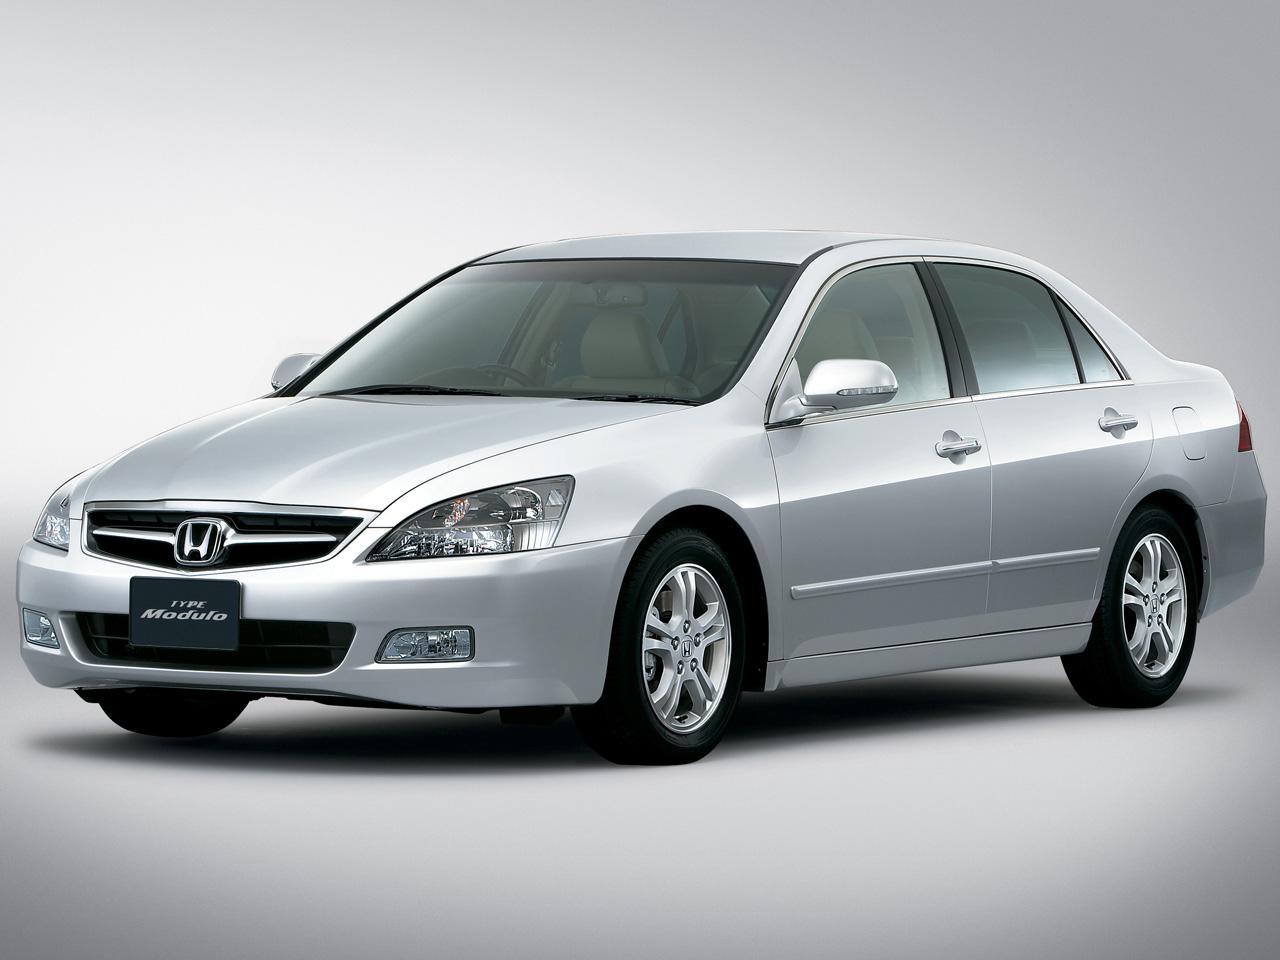 ホンダ インスパイア 2003年モデル 新車画像